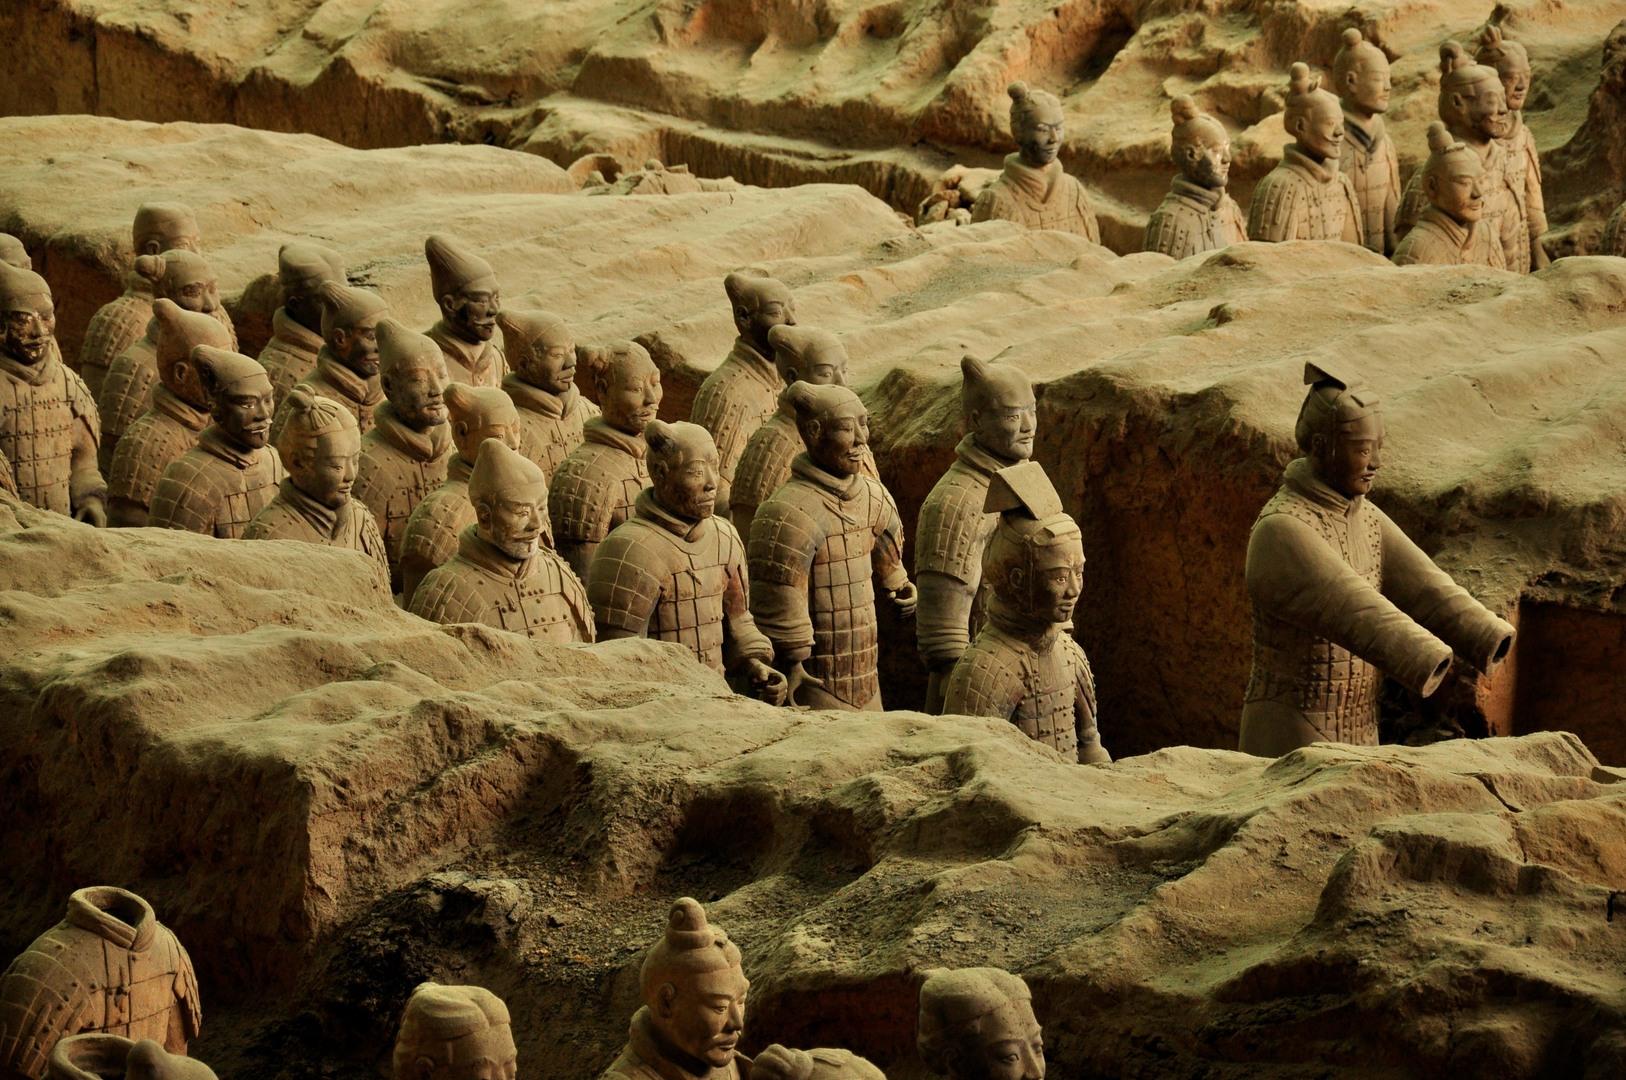 Борьба за внимание, пирамидки из людей и комочки глины